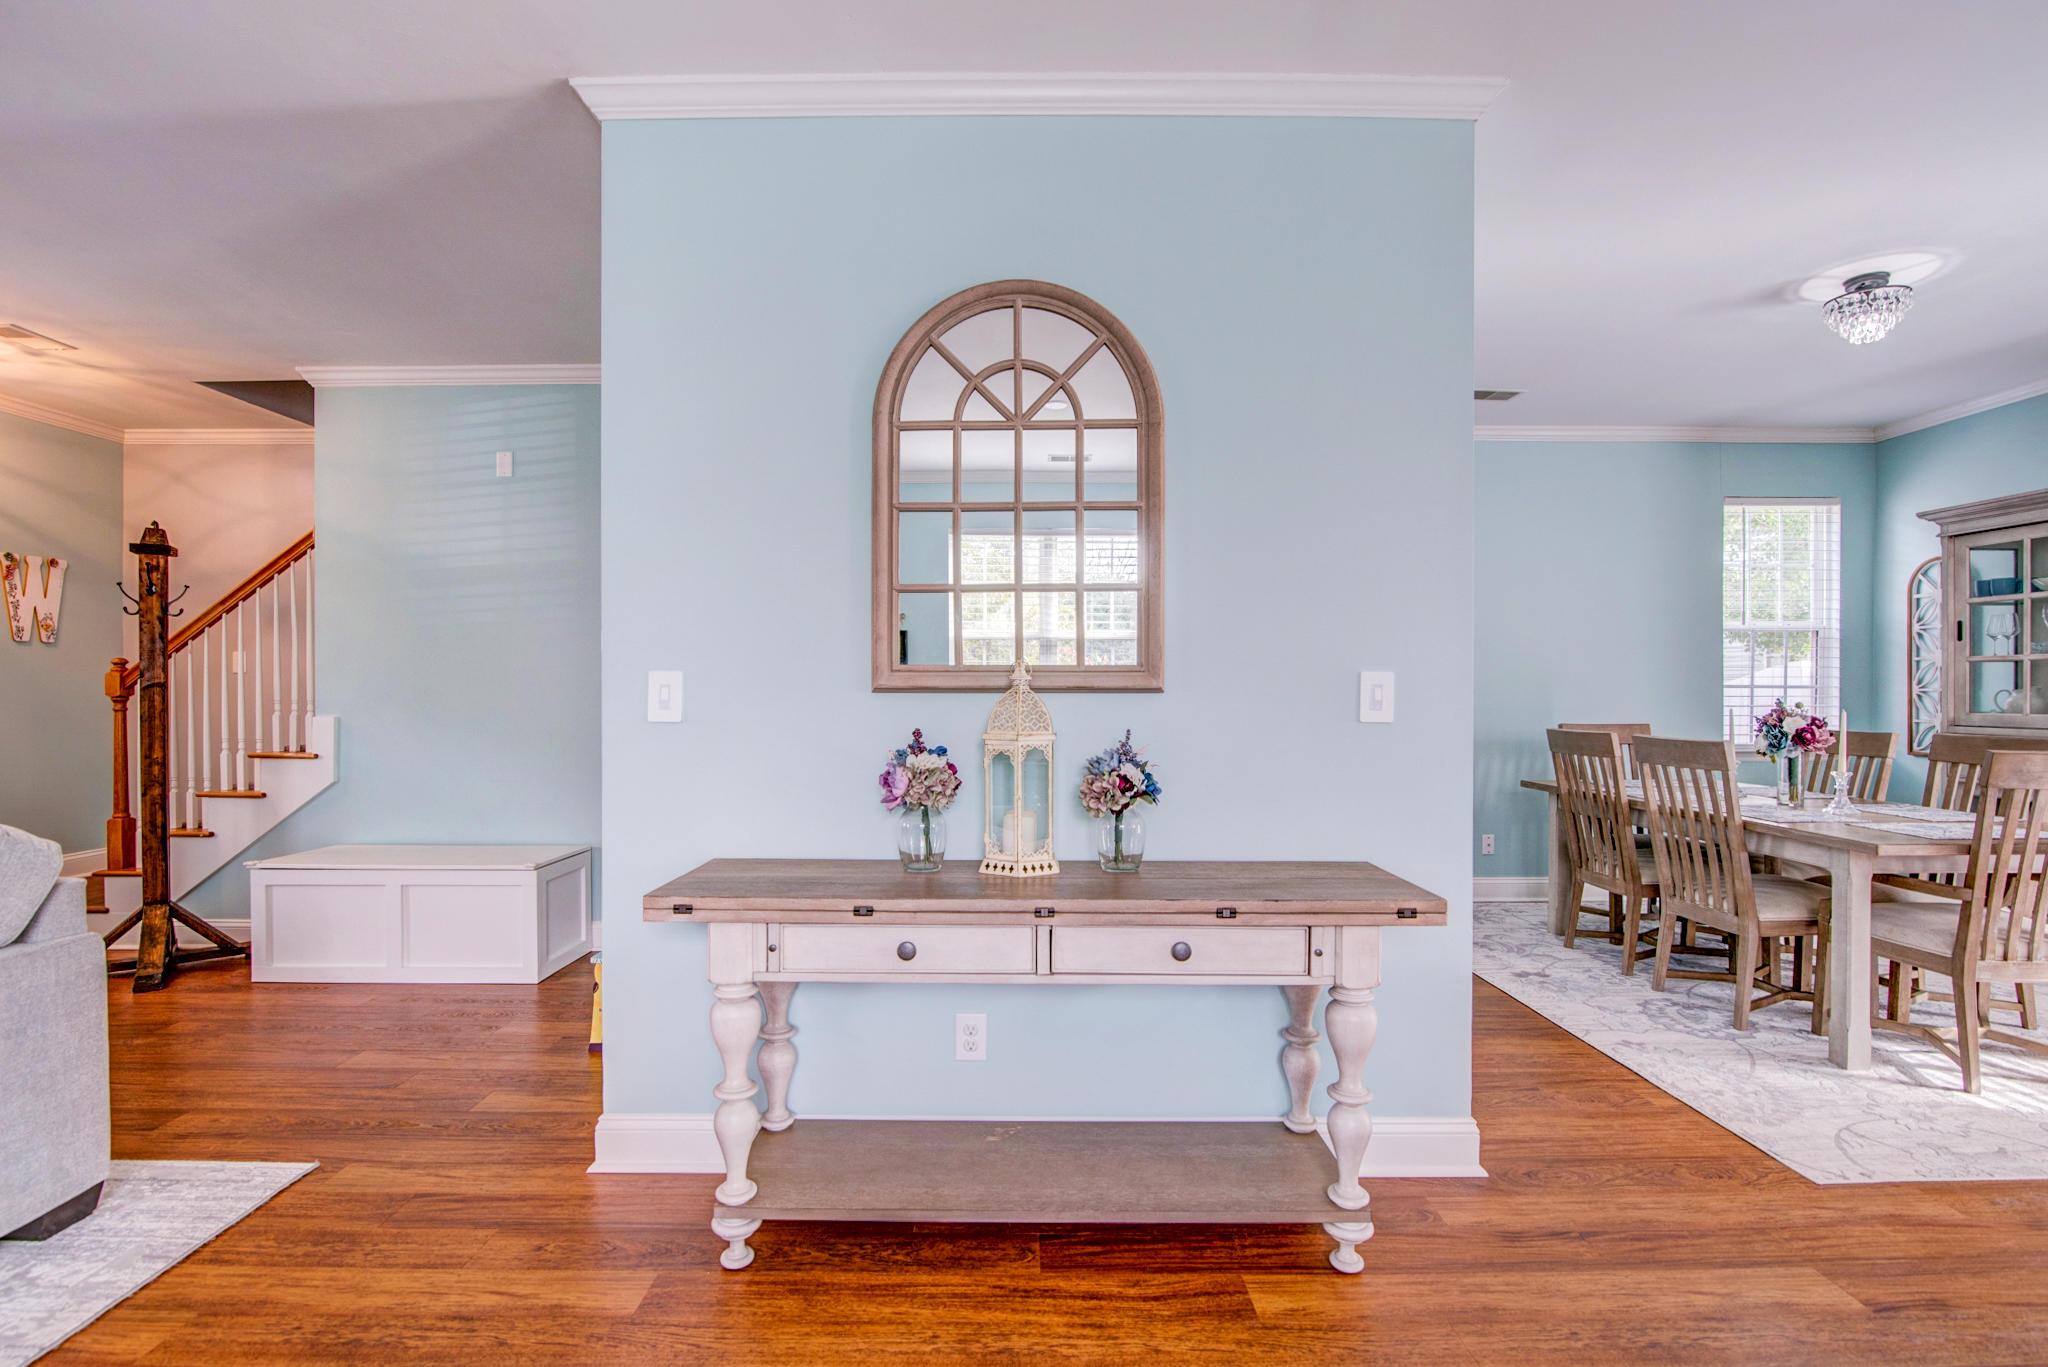 Jamestowne Village Homes For Sale - 1480 Swamp Fox, Charleston, SC - 12